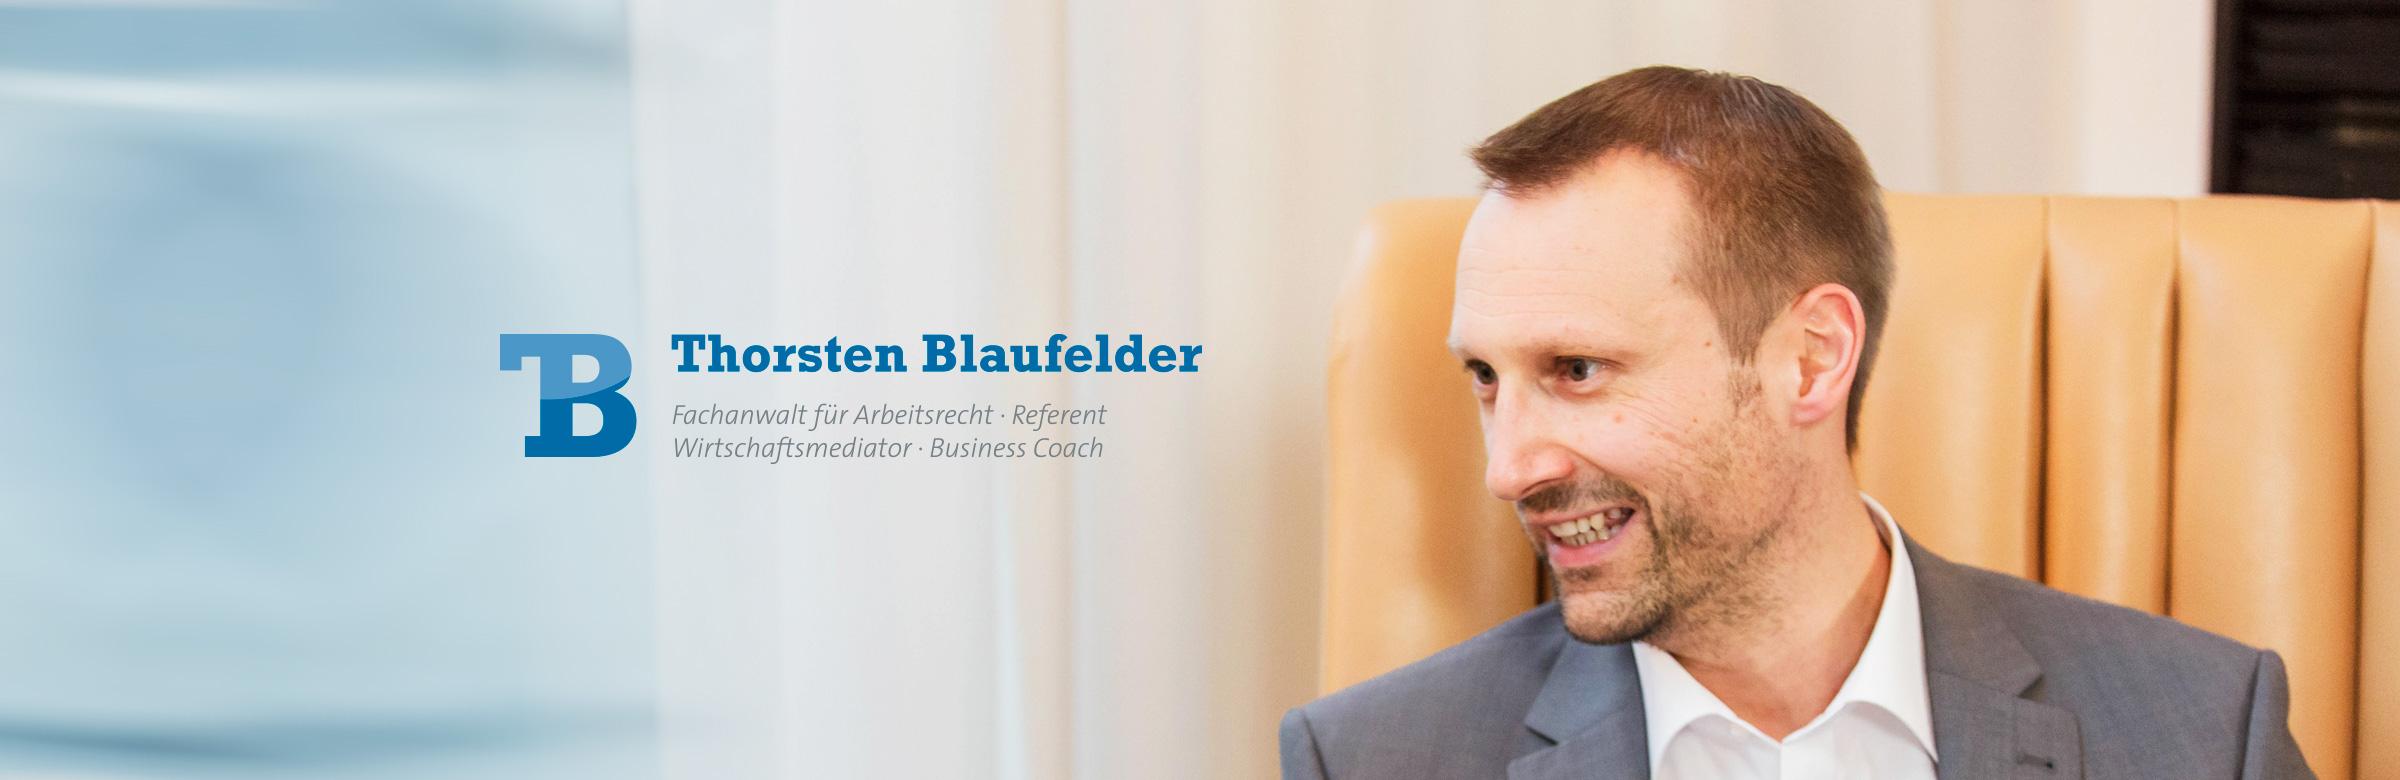 Thorsten Blaufelder - Beratung